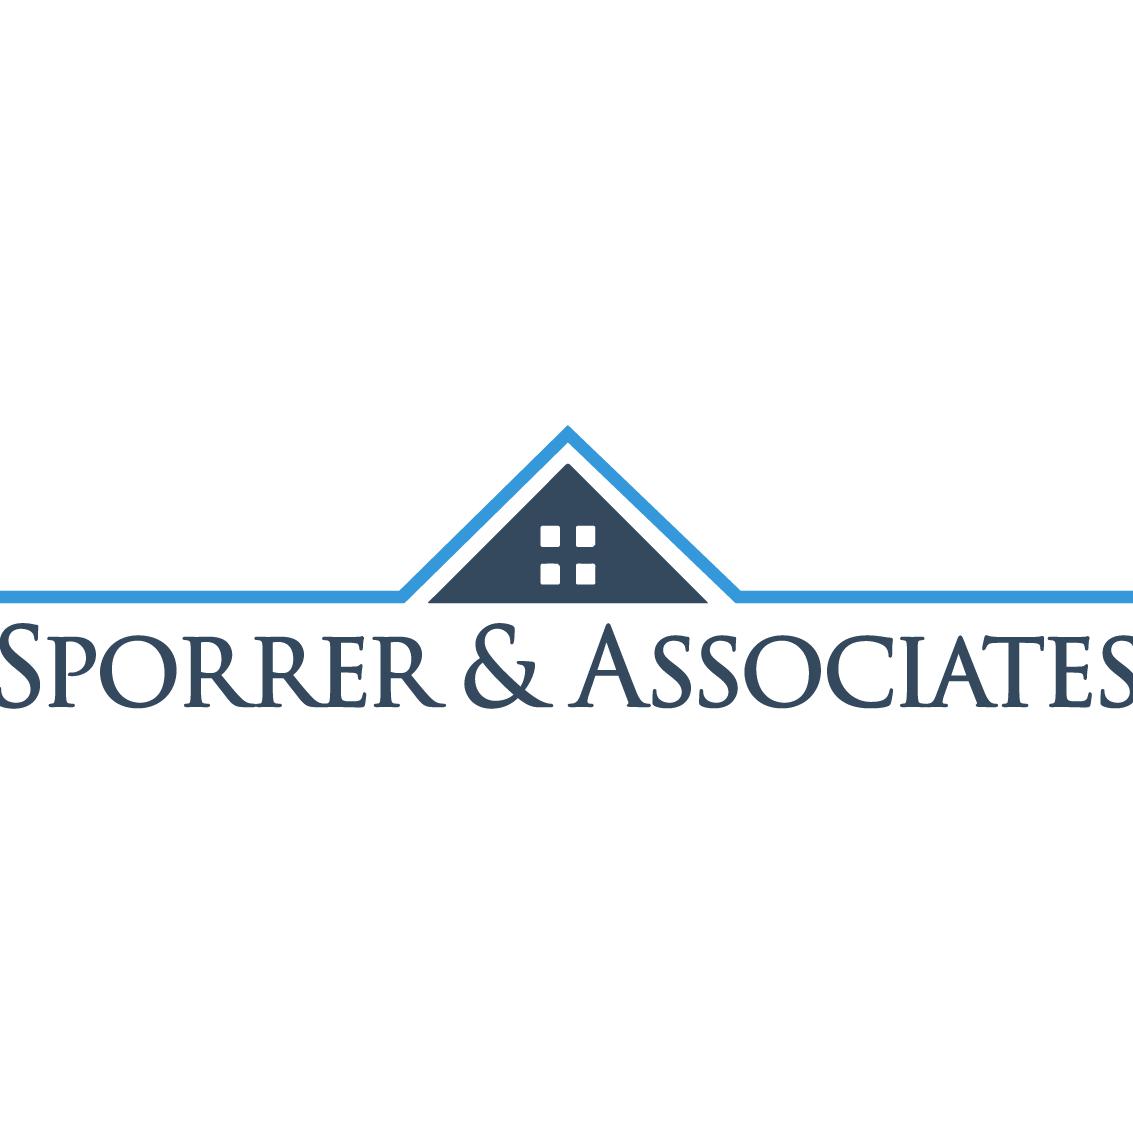 Sporrer & Associates